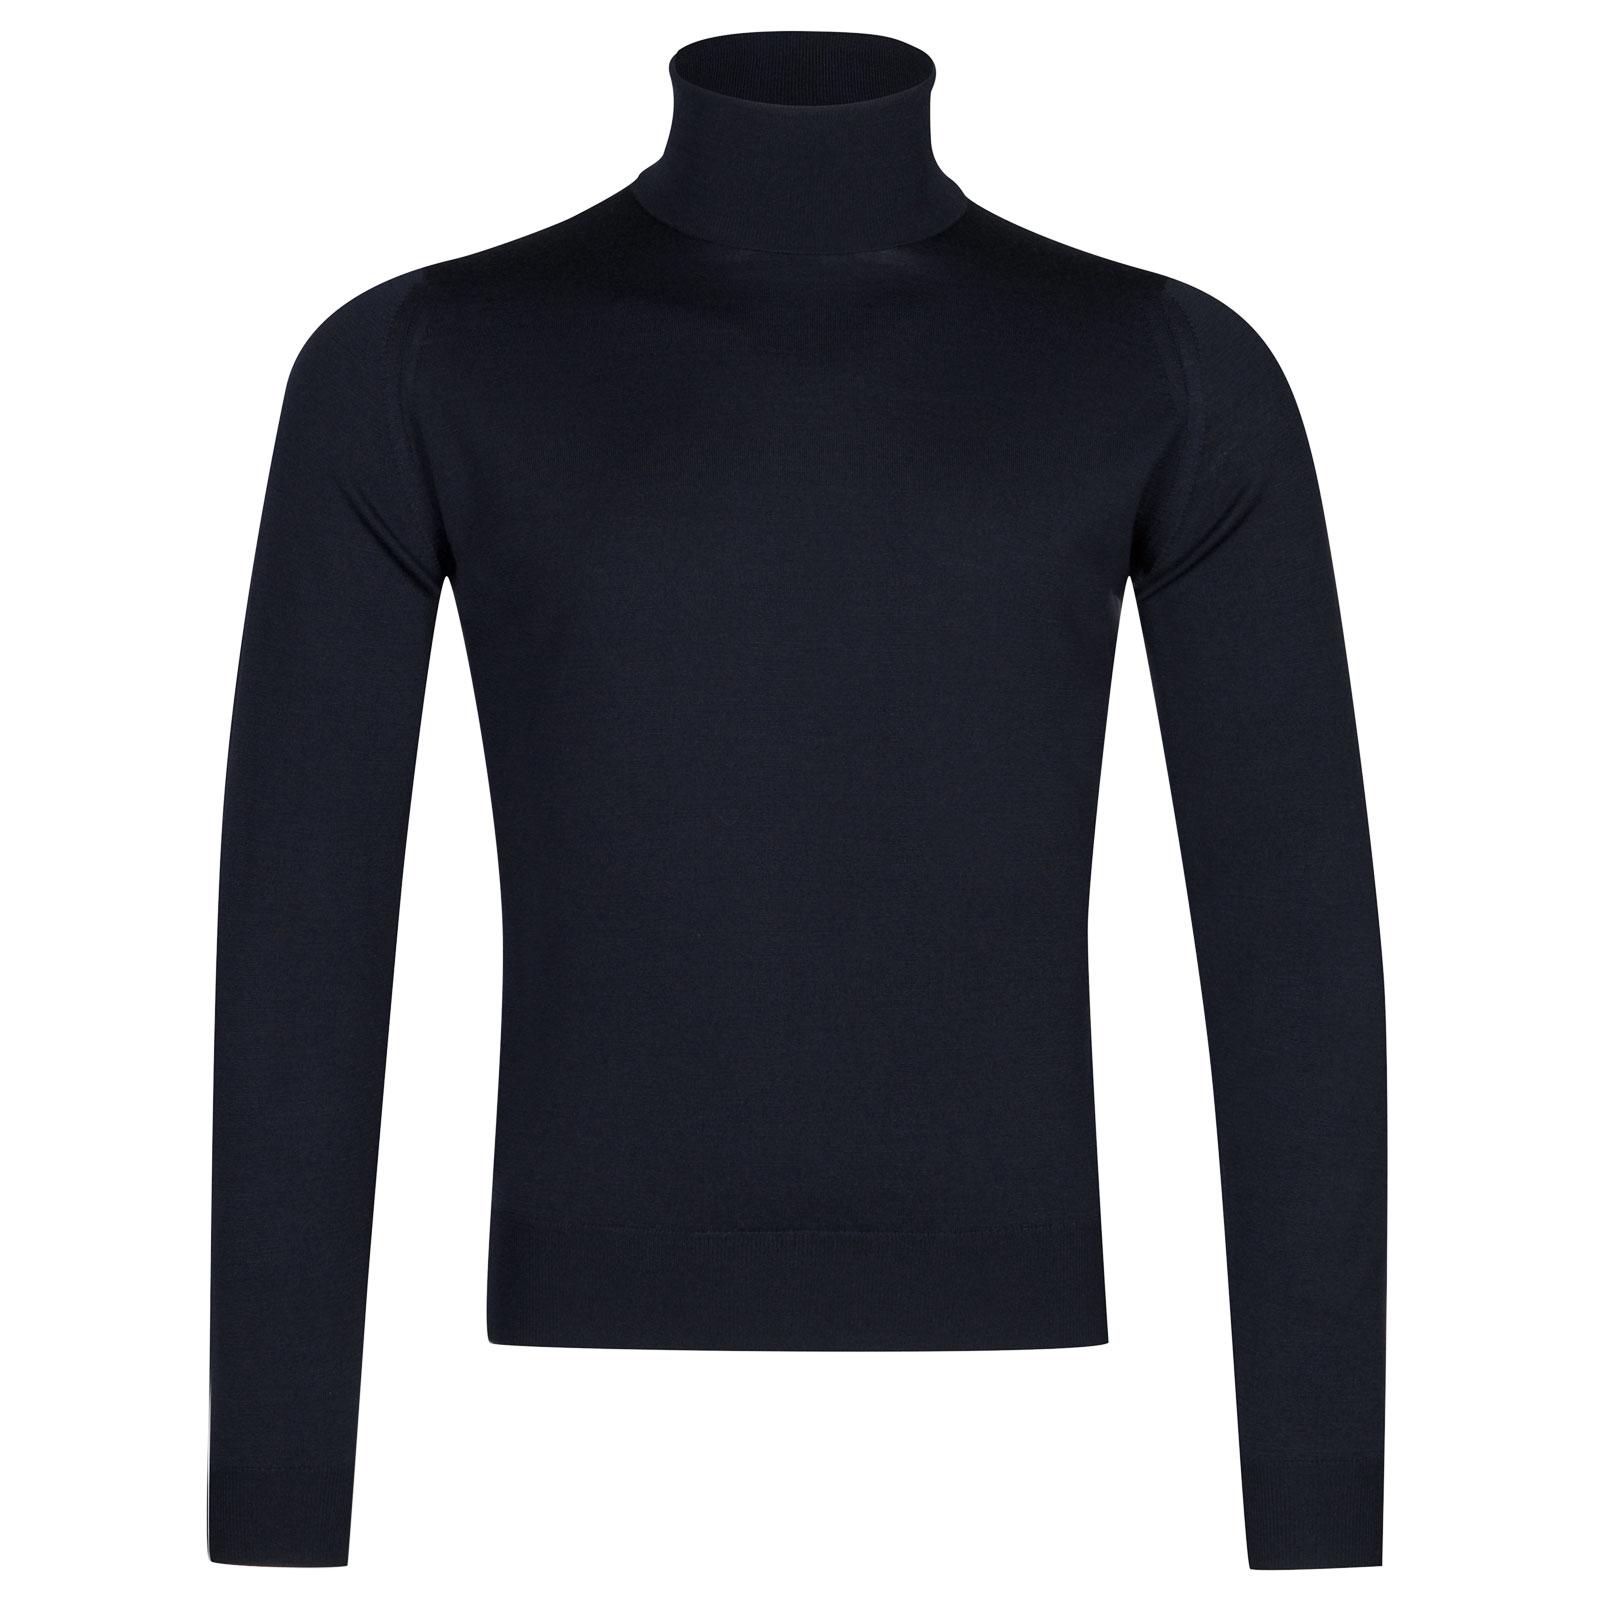 John Smedley Orta Merino Wool Pullover in Midnight-XXL